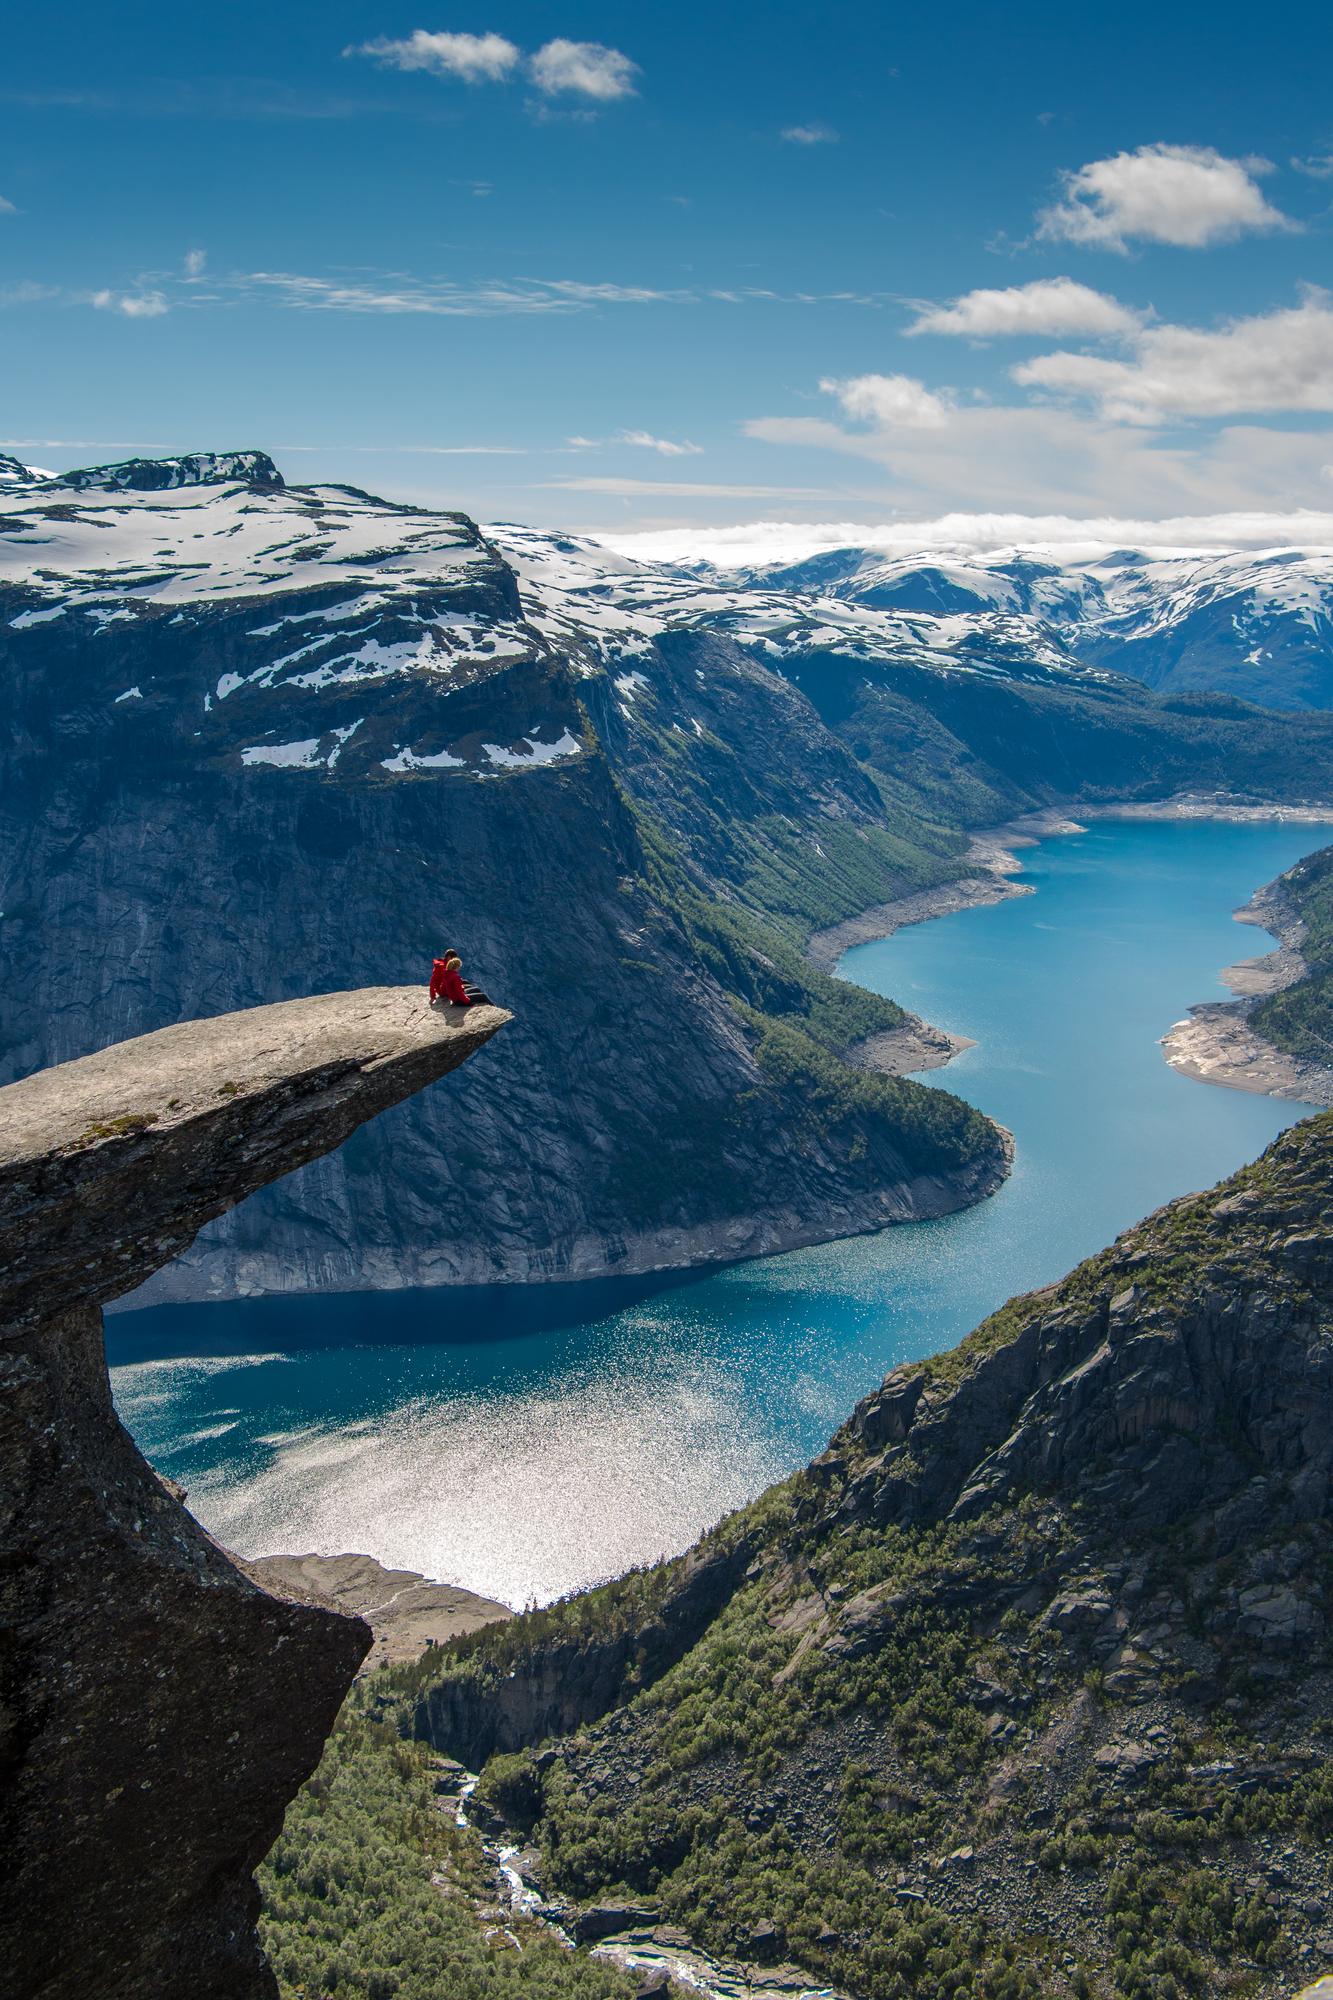 【醉美峡湾】挪威7晚9天百变自由行【行程天数可调/城市顺序可调/可代订门票日游火车票】